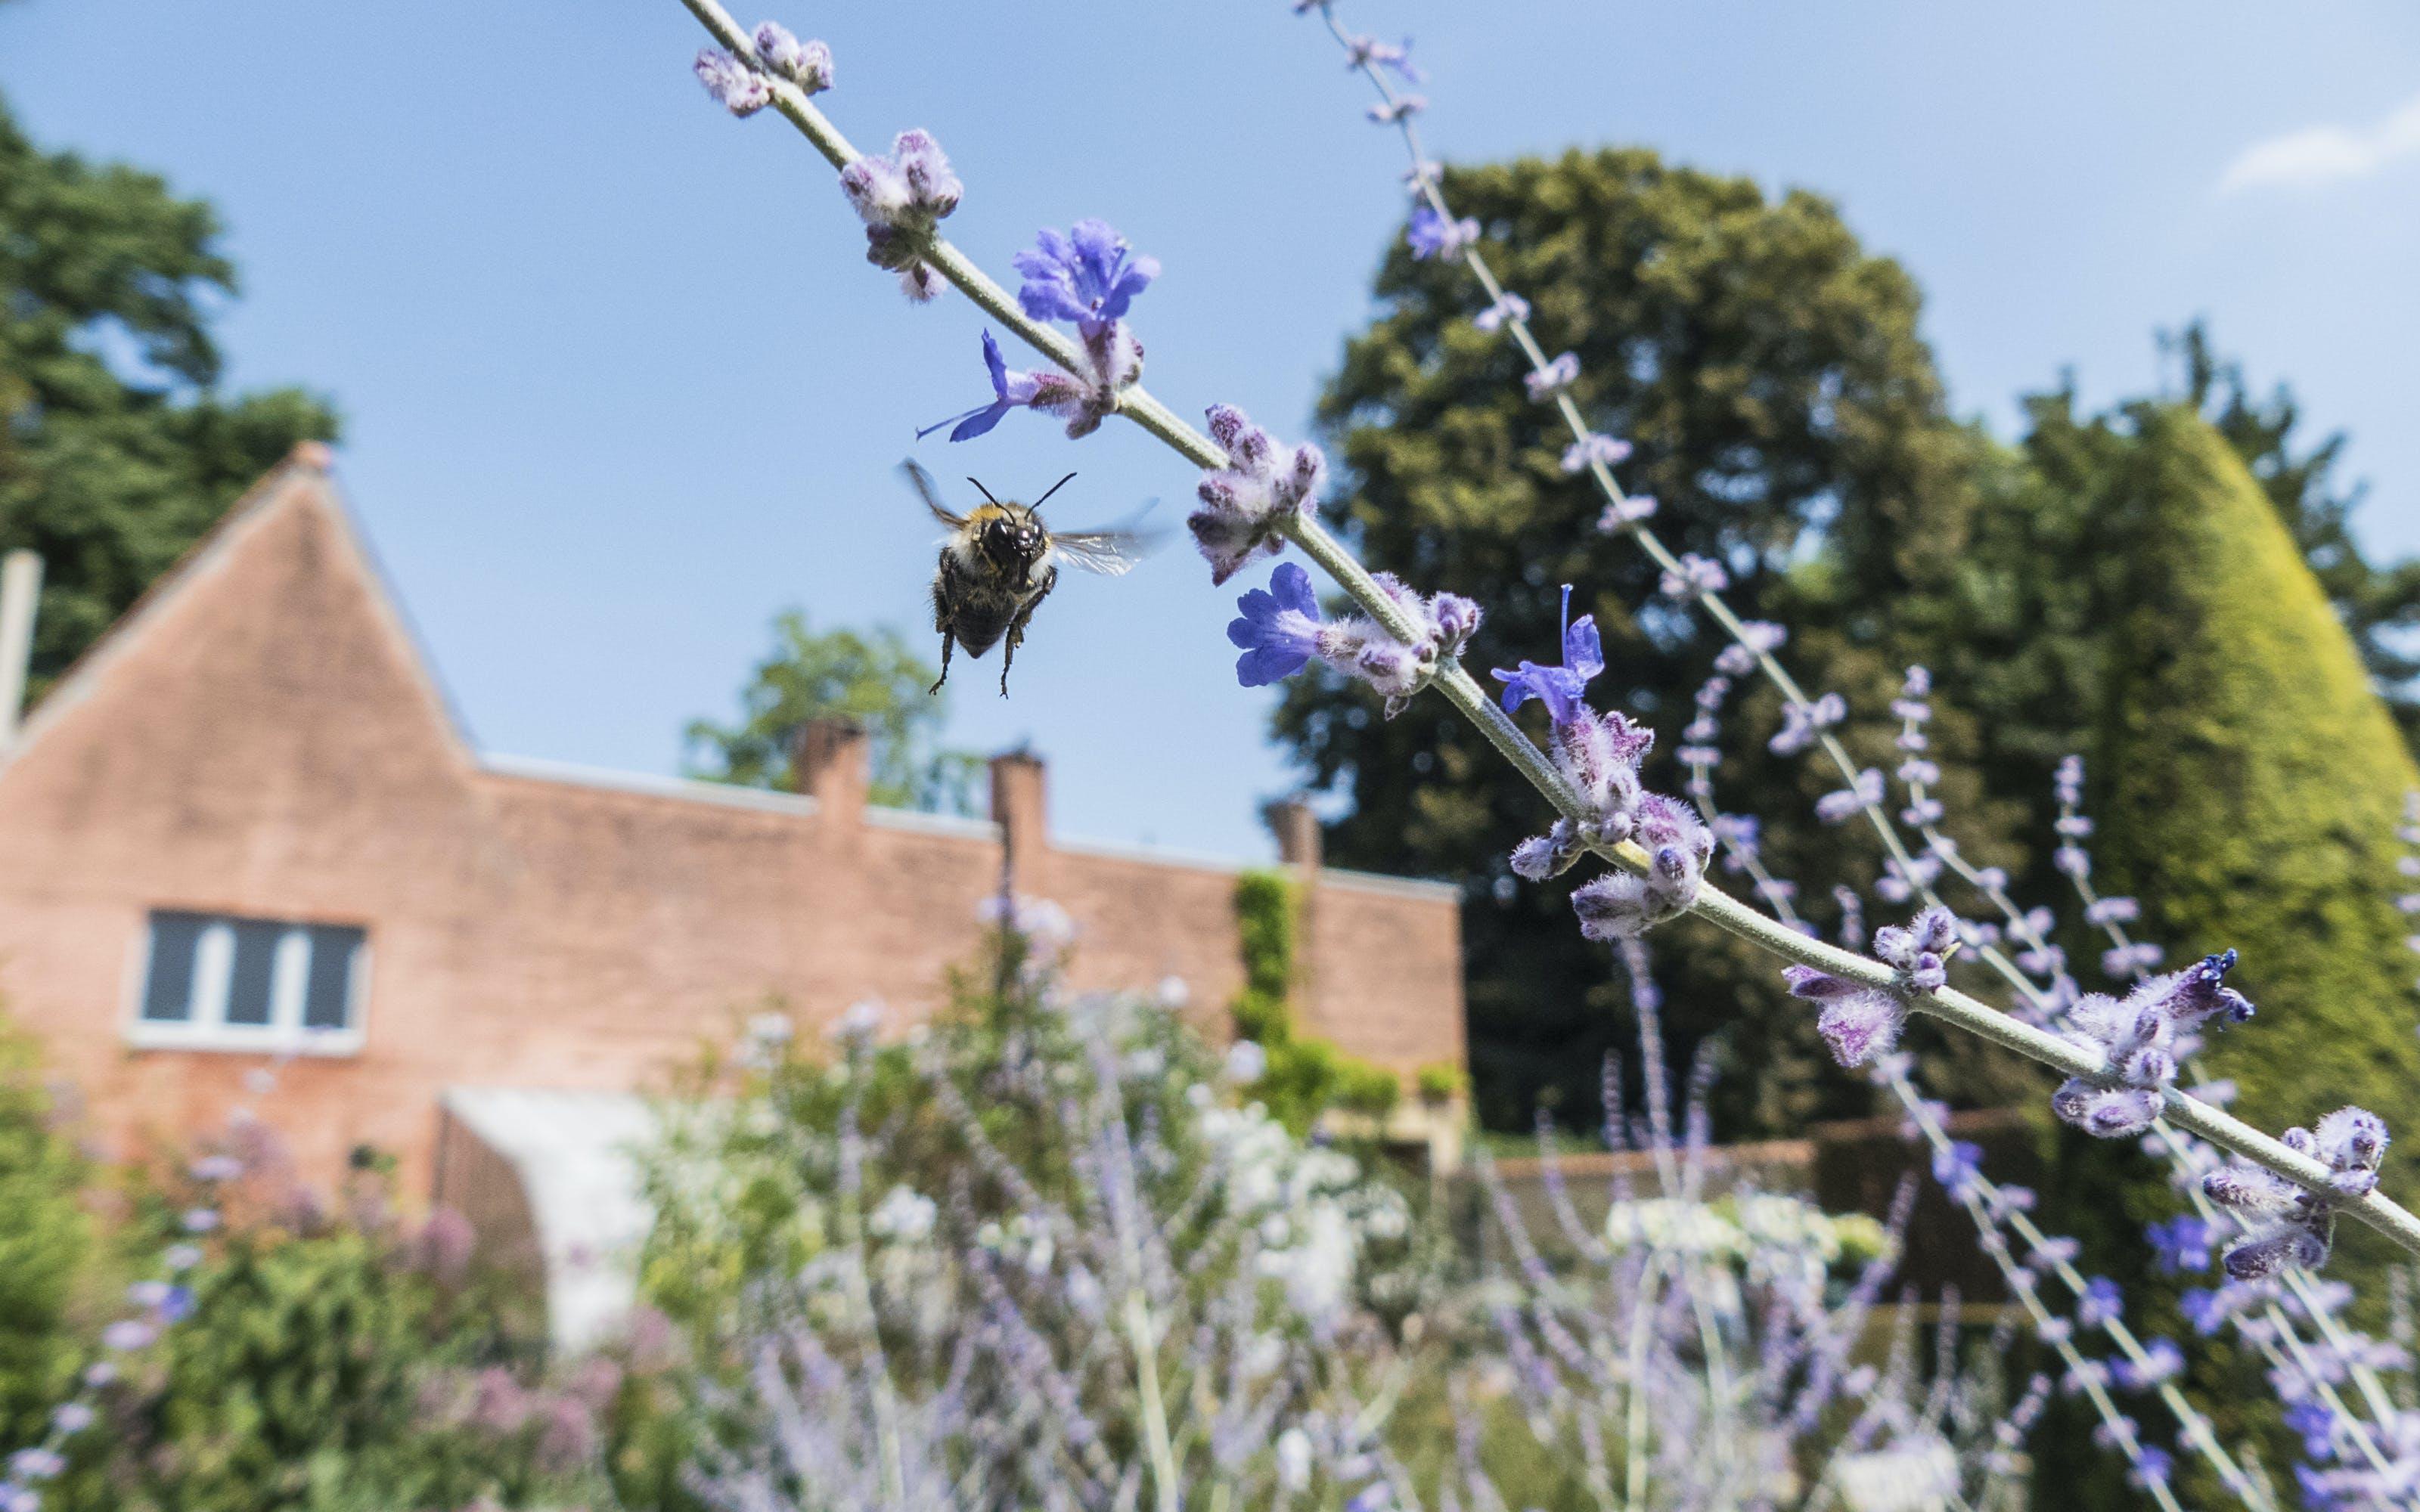 Δωρεάν στοκ φωτογραφιών με γαλάζιος ουρανός, μέλισσα, μοβ άνθη, πέταγμα